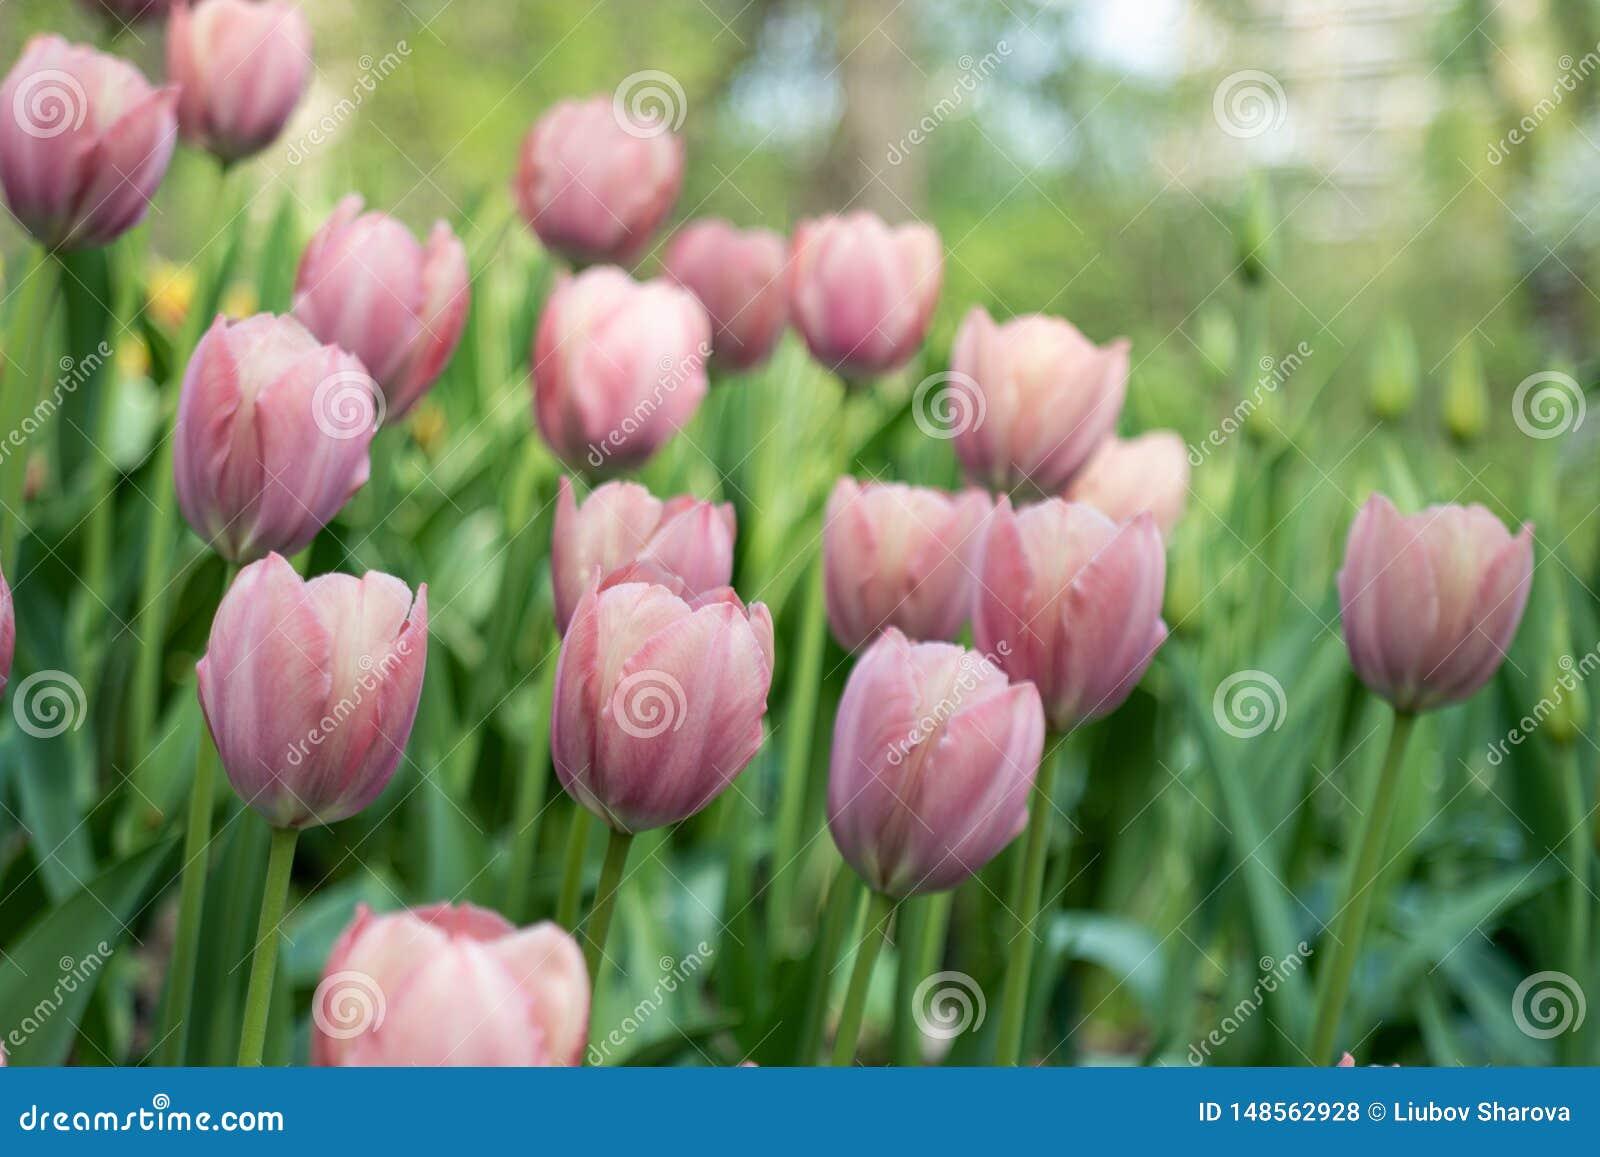 Όμορφος χλωμός - ρόδινο πάρκο τουλιπών που ανθίζουν την άνοιξη